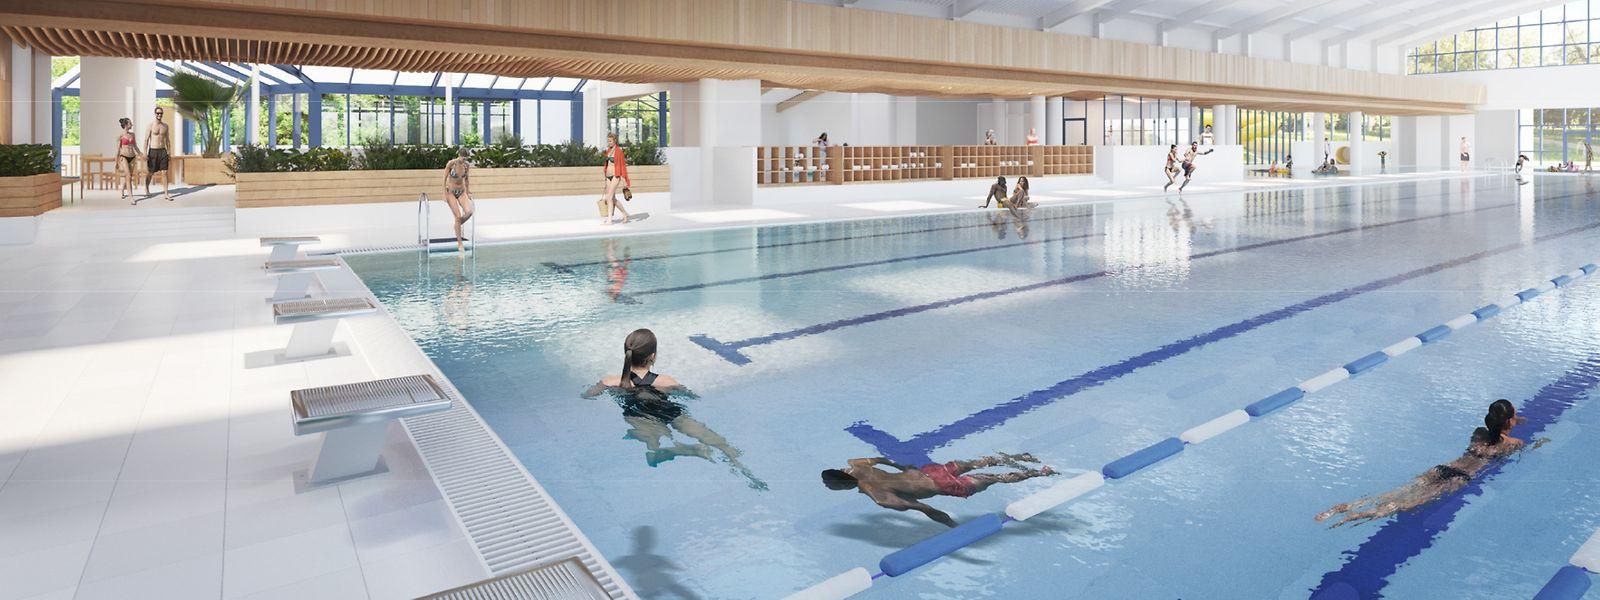 Der Umbau des Piko-Schwimmbades schlägt mit 9 Millionen Euro in der Haushaltsvorlage 2021 zu Buche und ist somit, hinter dem Bau der Musikschule, der zweitwichtigste Investitionsposten im außergewöhnlichen Teil des Budgets.